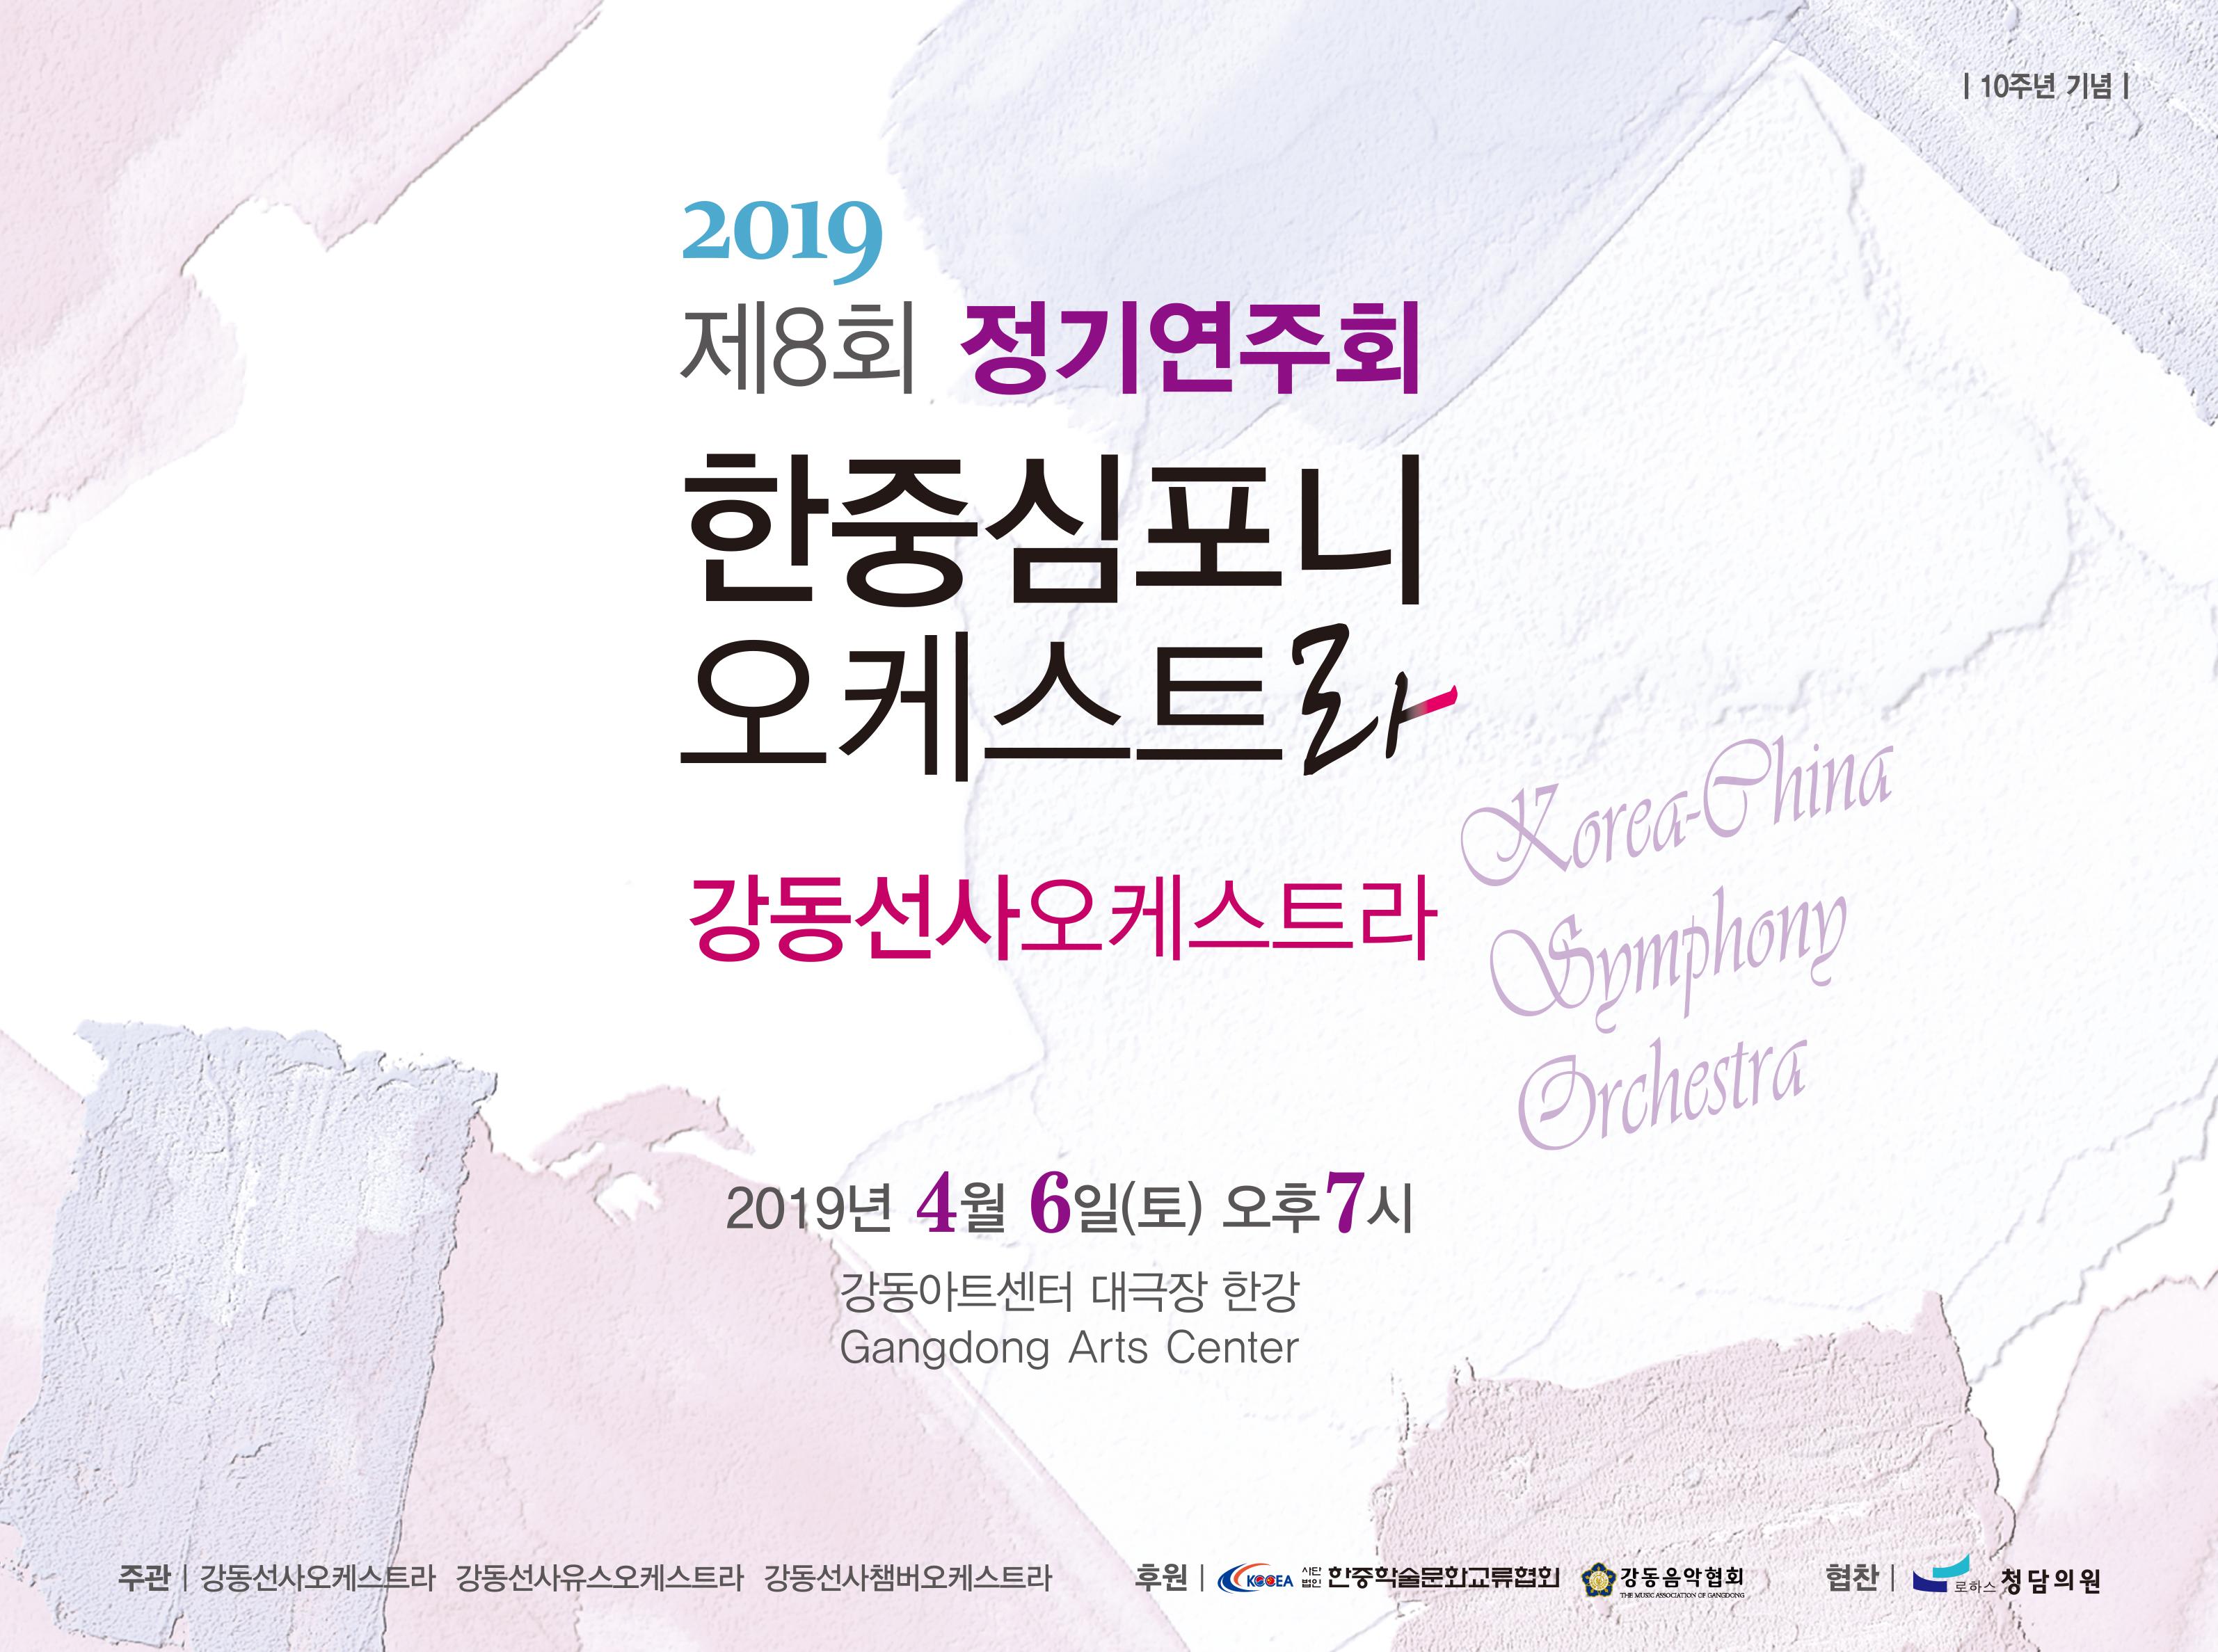 강동선사오케스트라 제8회 정기연주회